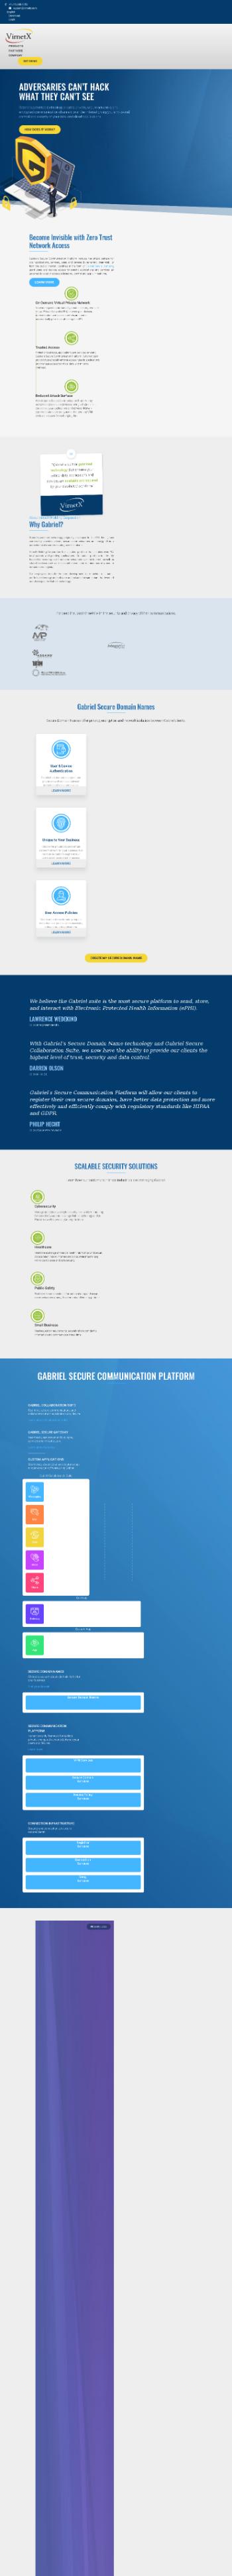 VirnetX Holding Corp Website Screenshot